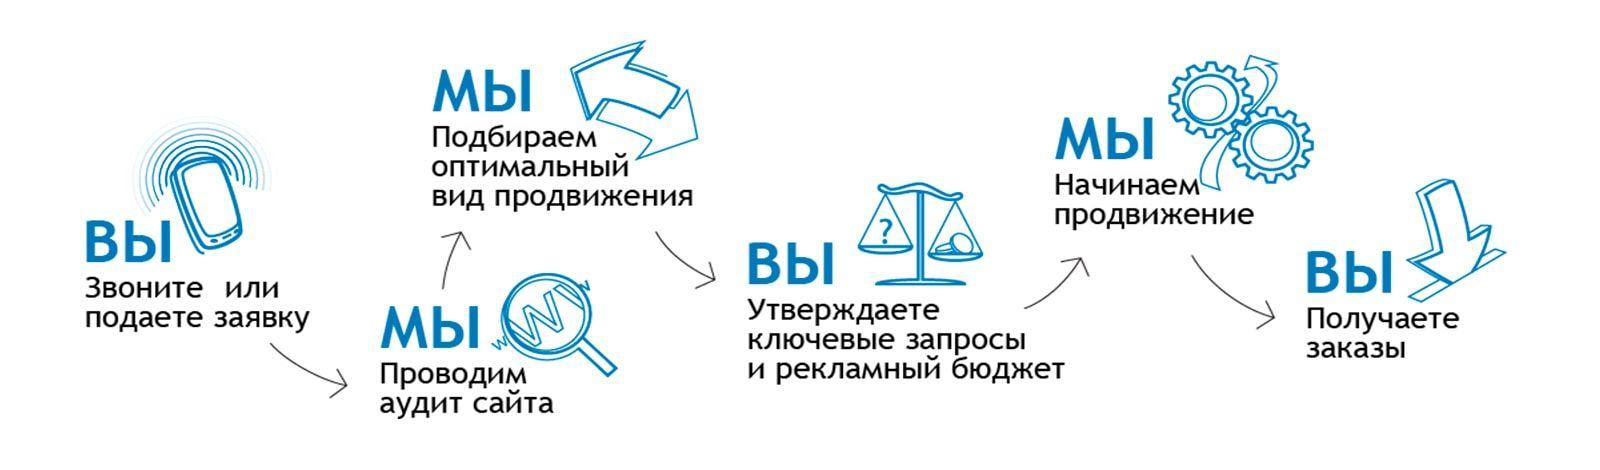 Системы для бесплатного продвижения сайта доминант официальный сайт компании